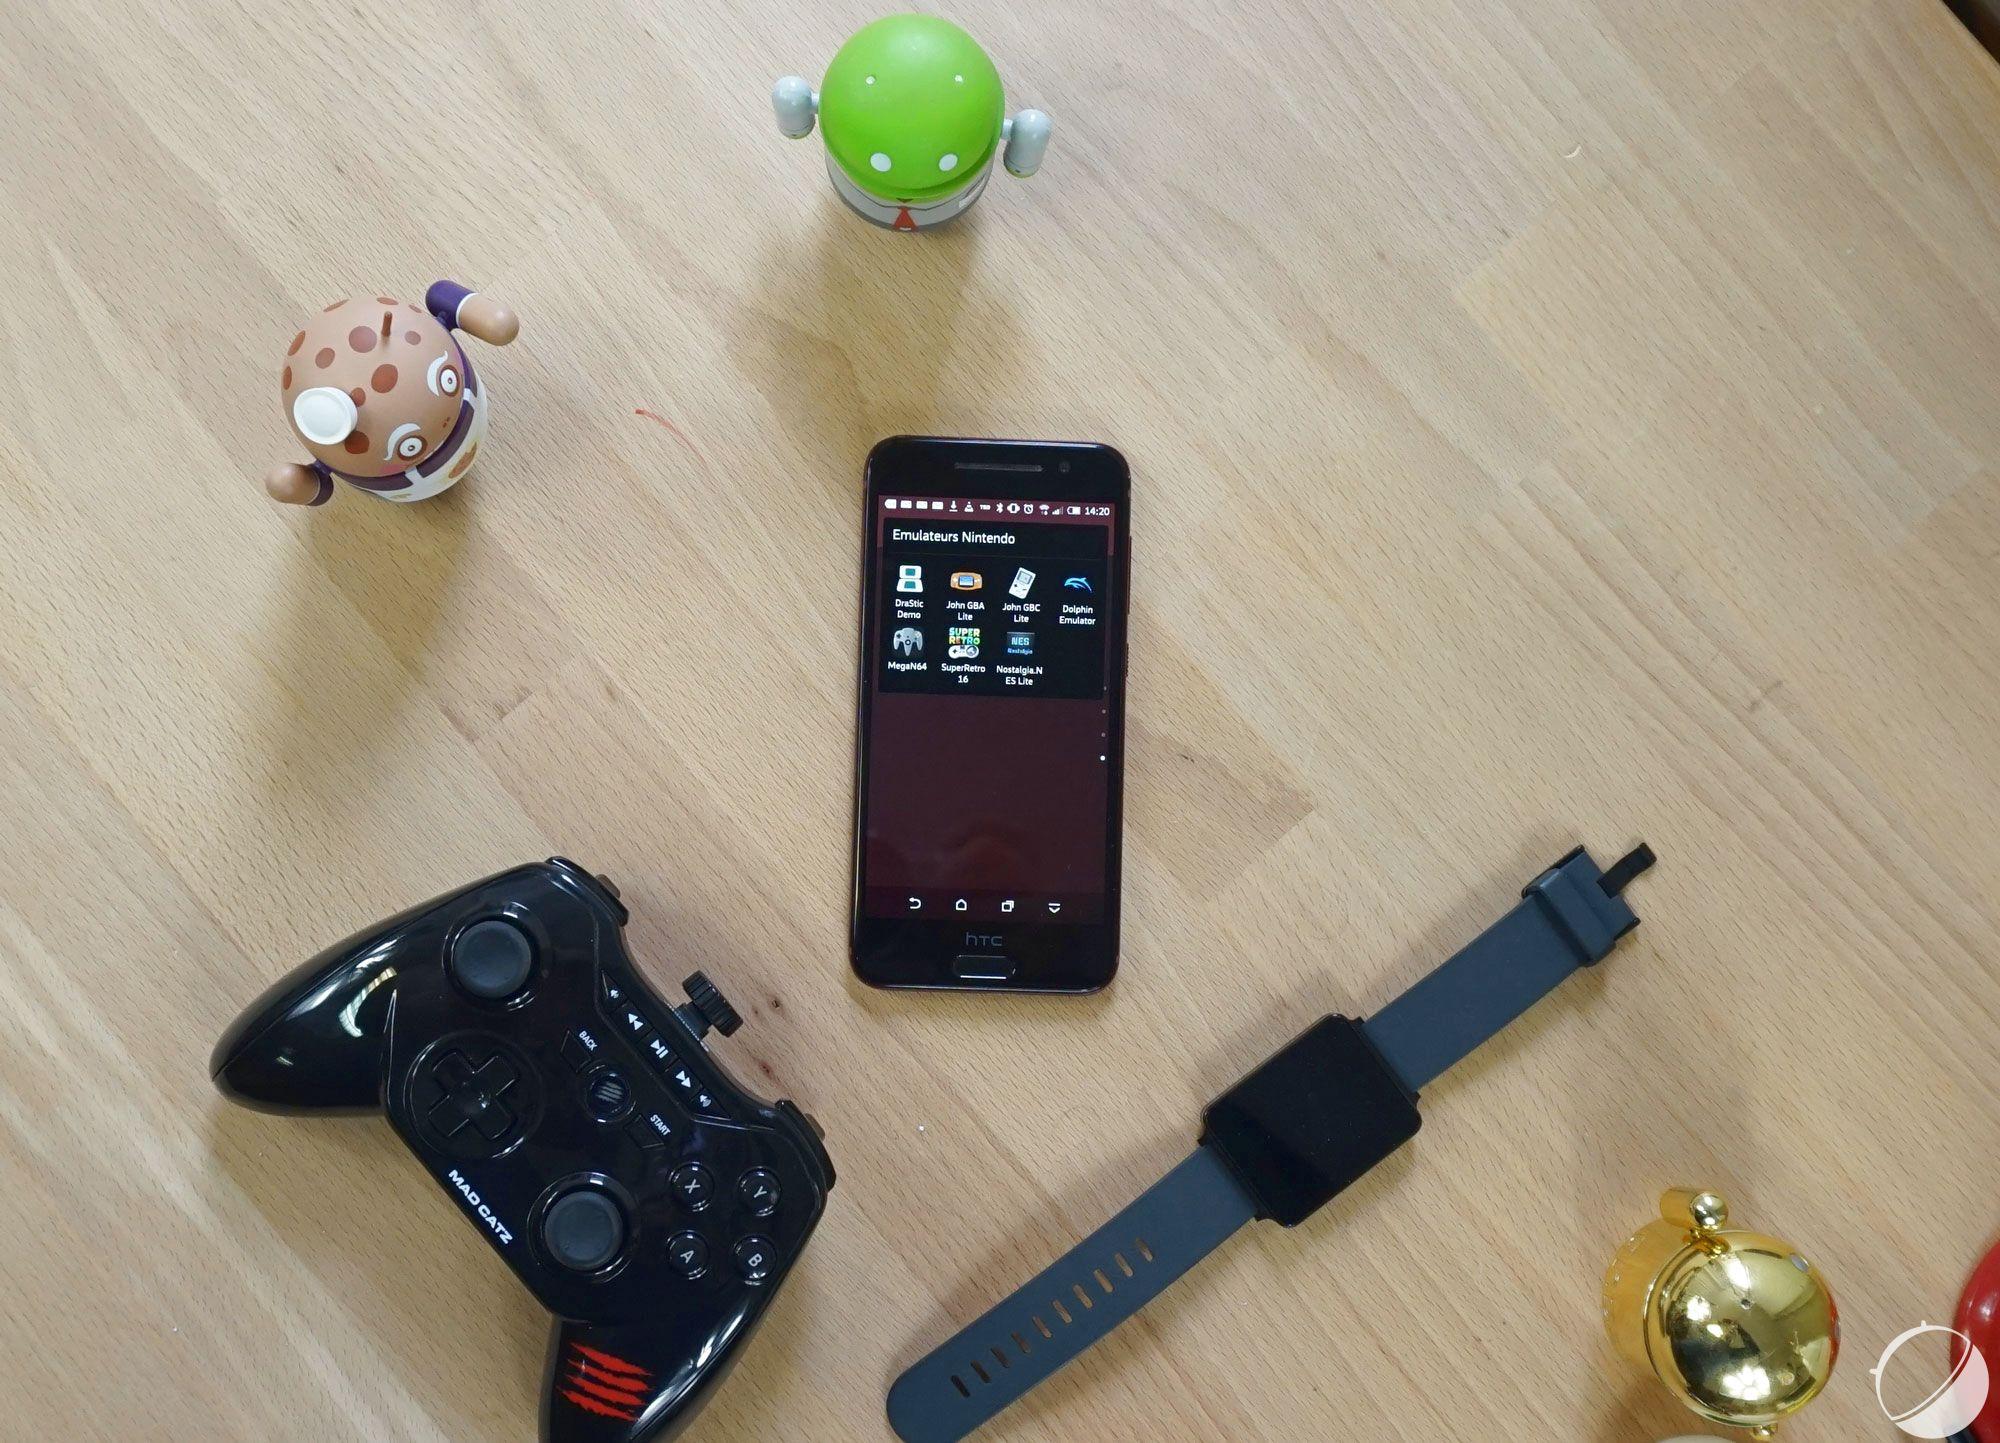 Comment muler les consoles de nintendo avec un appareil android frandroid - Console de salon android ...